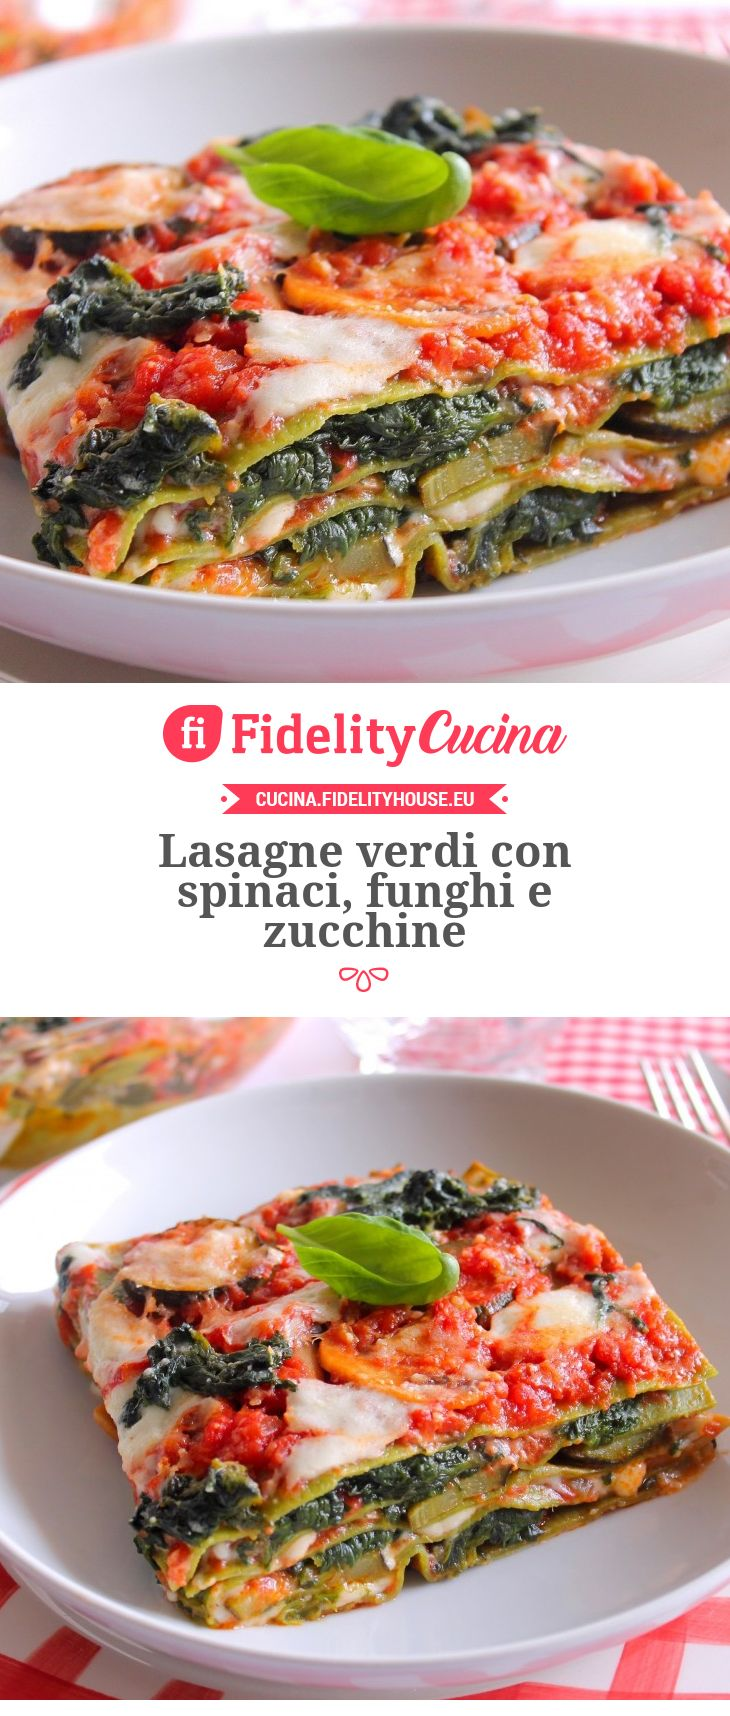 Lasagne verdi con spinaci, funghi e zucchine